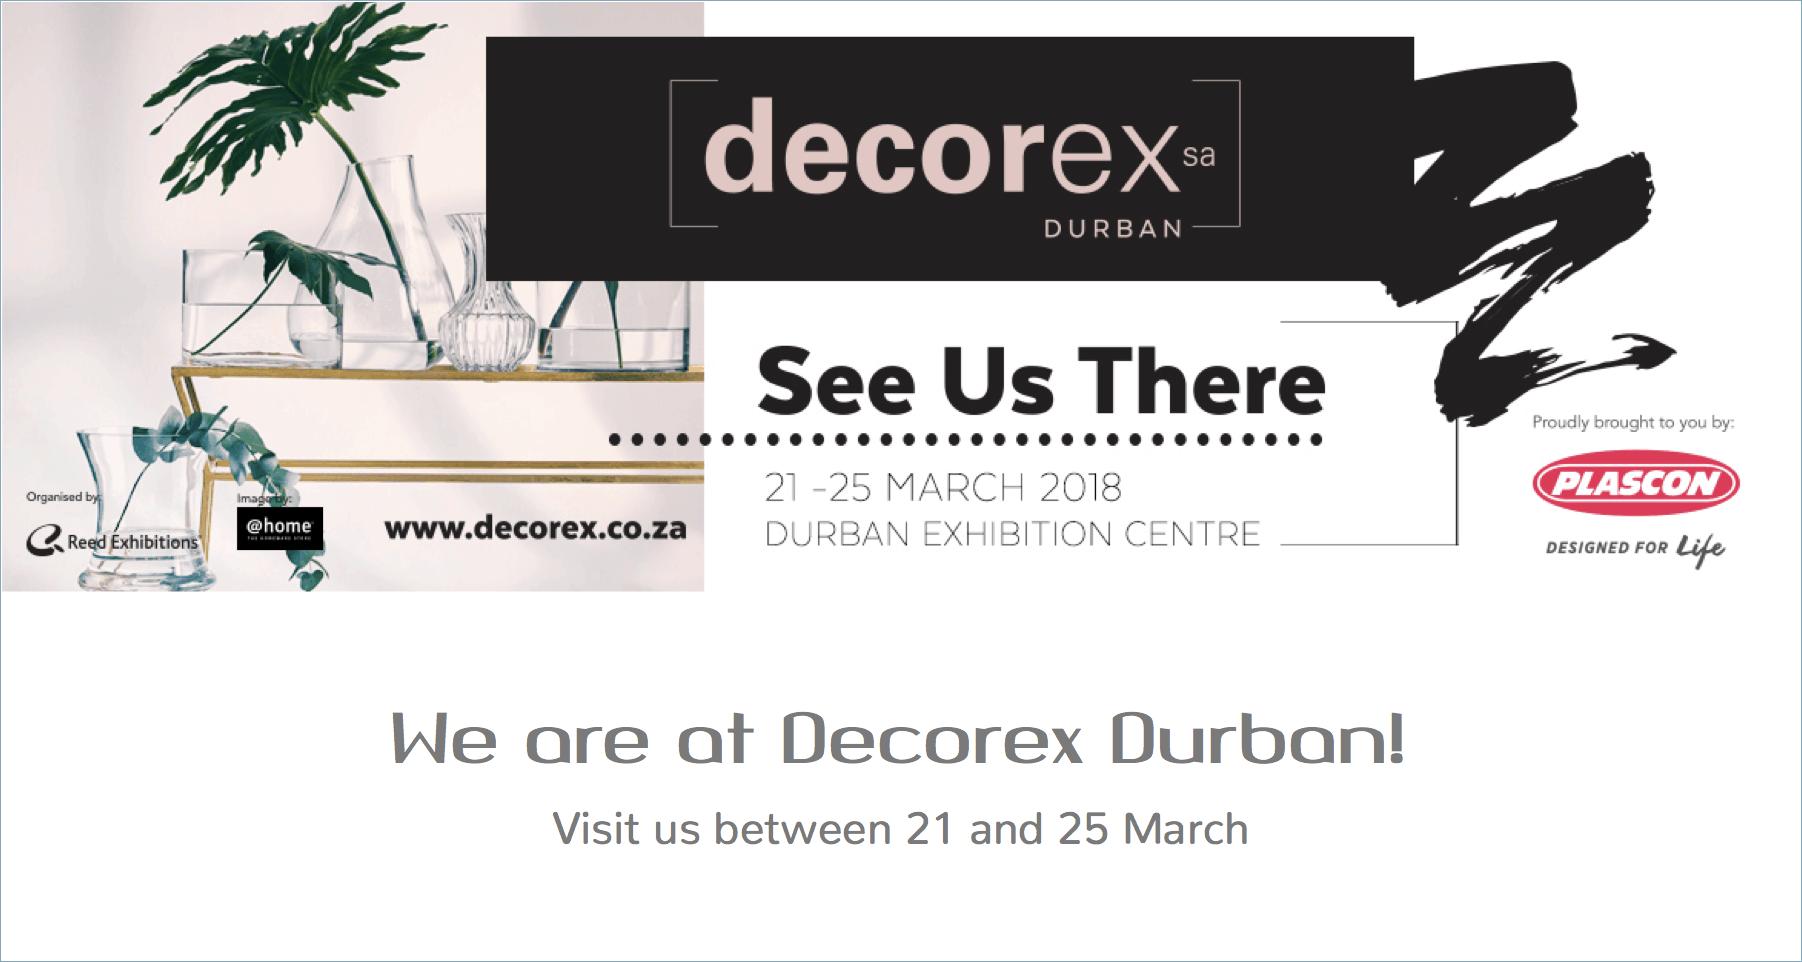 Decorex Durban